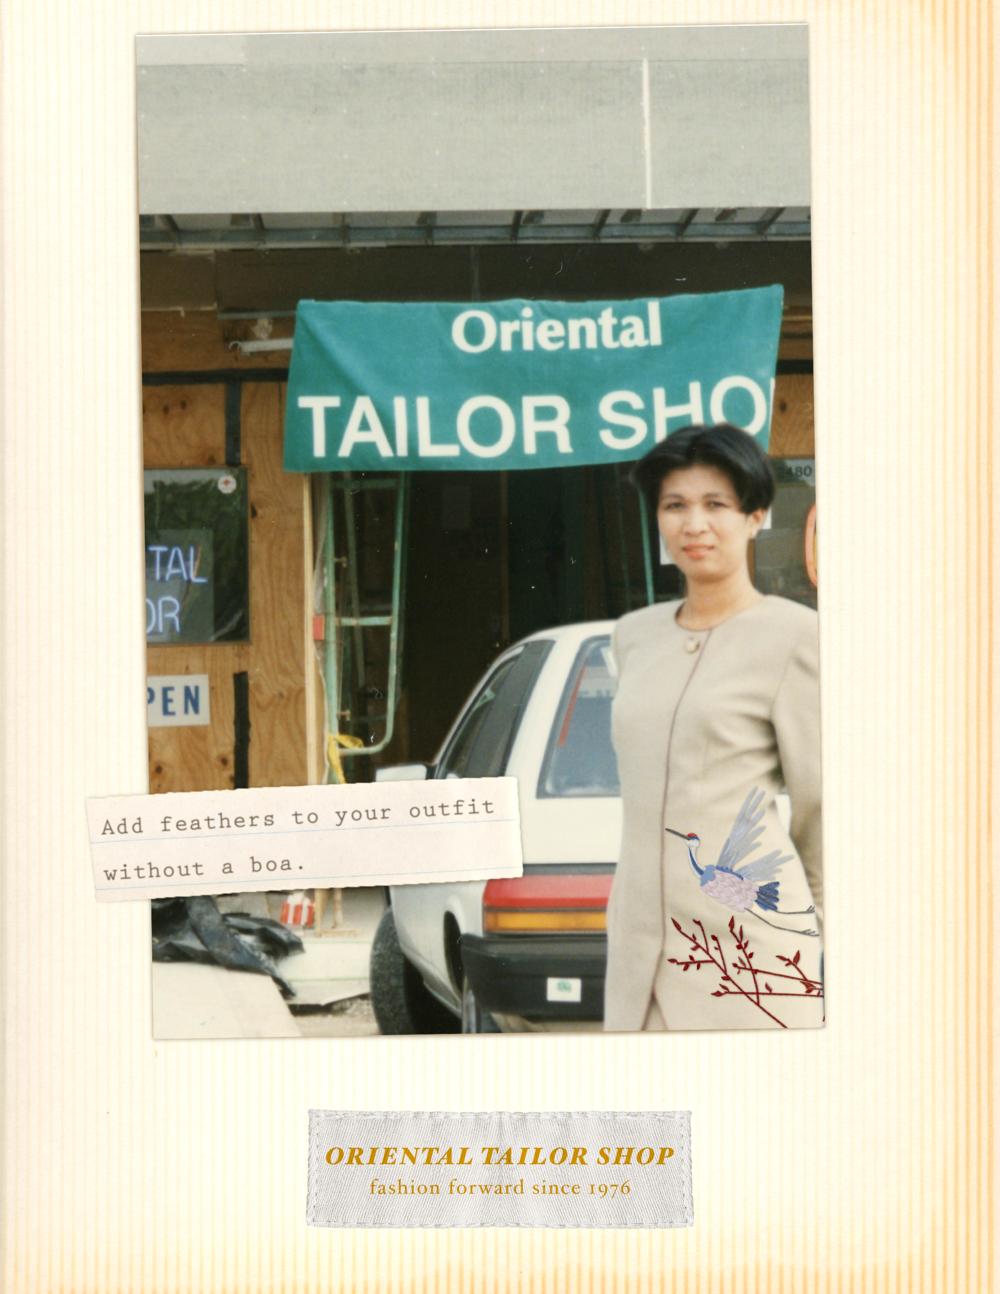 oriental-tailor-shop_print_emboirder_8d5x11_180920_nh_v1.1.png